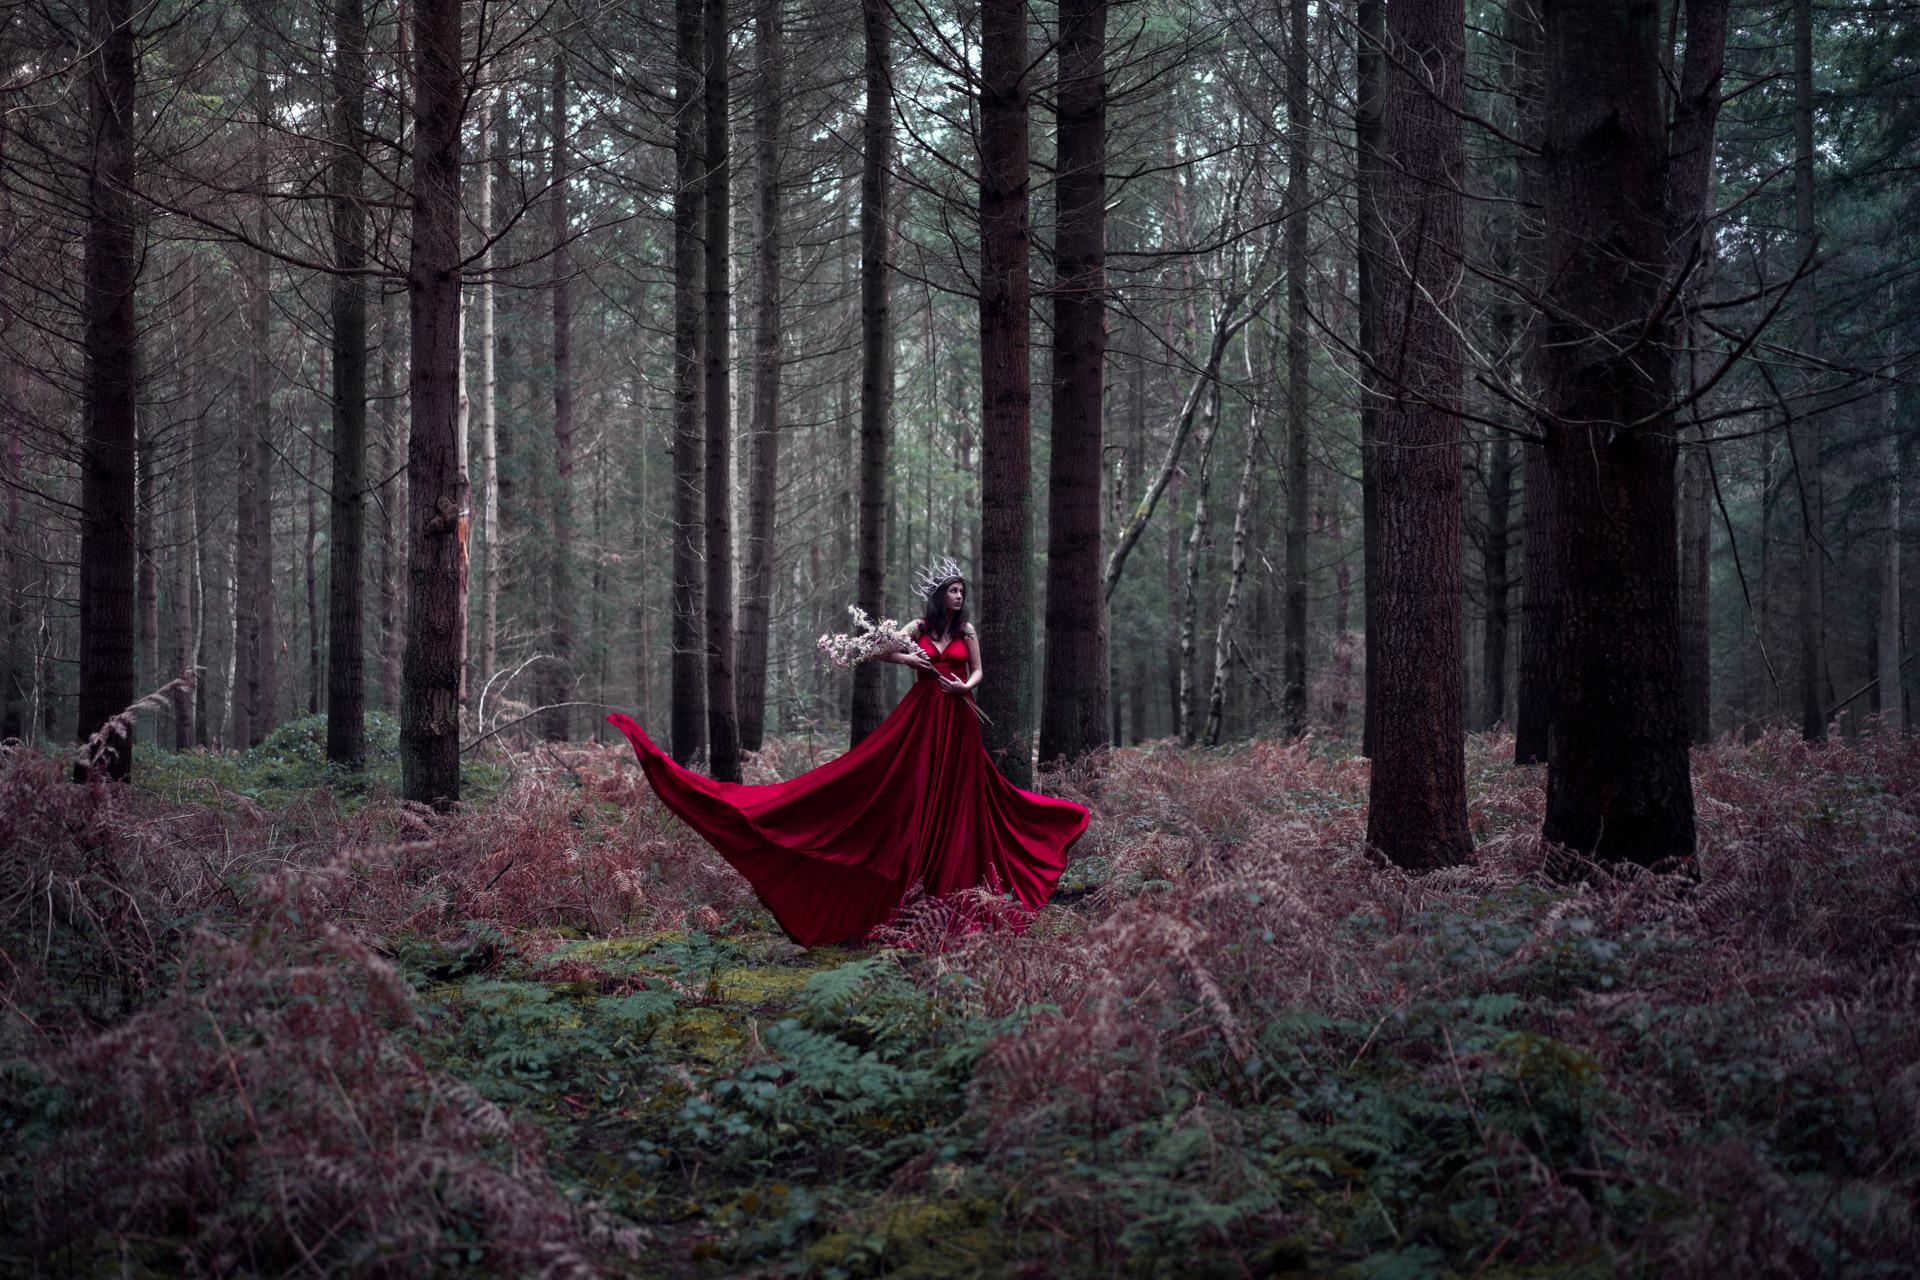 Marie se trouve au coeur d'une sombre forêt. Elle porte la grande robe rouge, flottant au vent, créée par les petits doigts de fée de Made by LN.